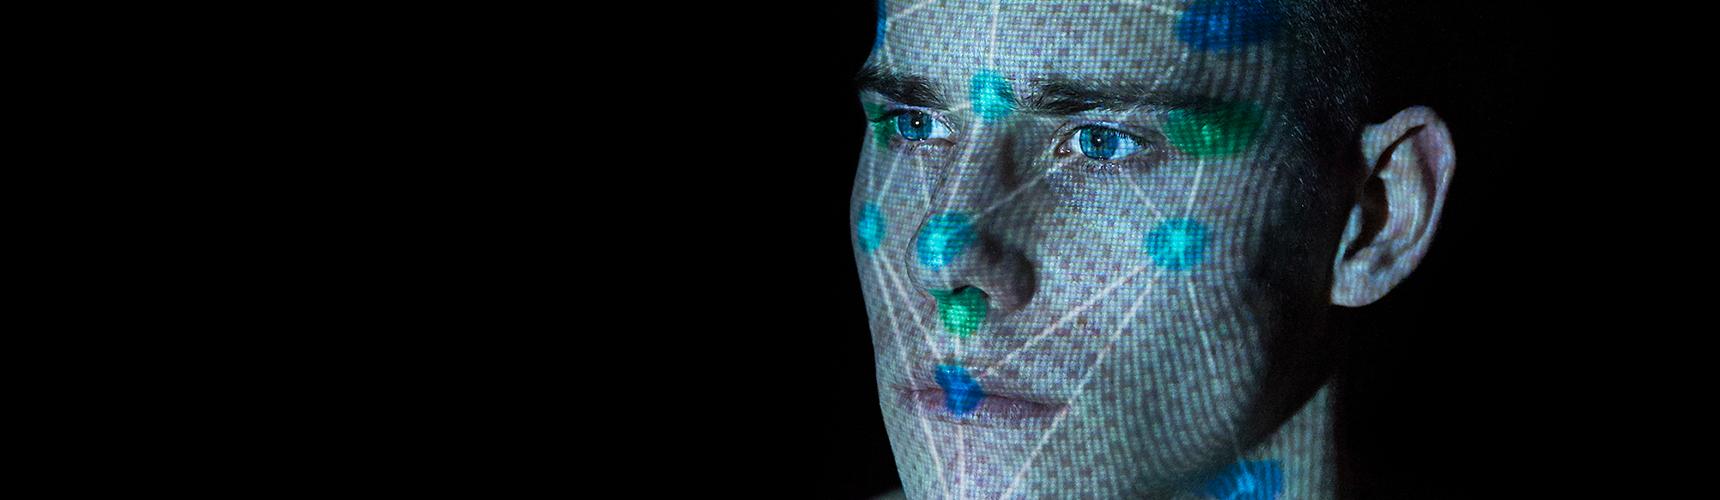 facial_biometrics